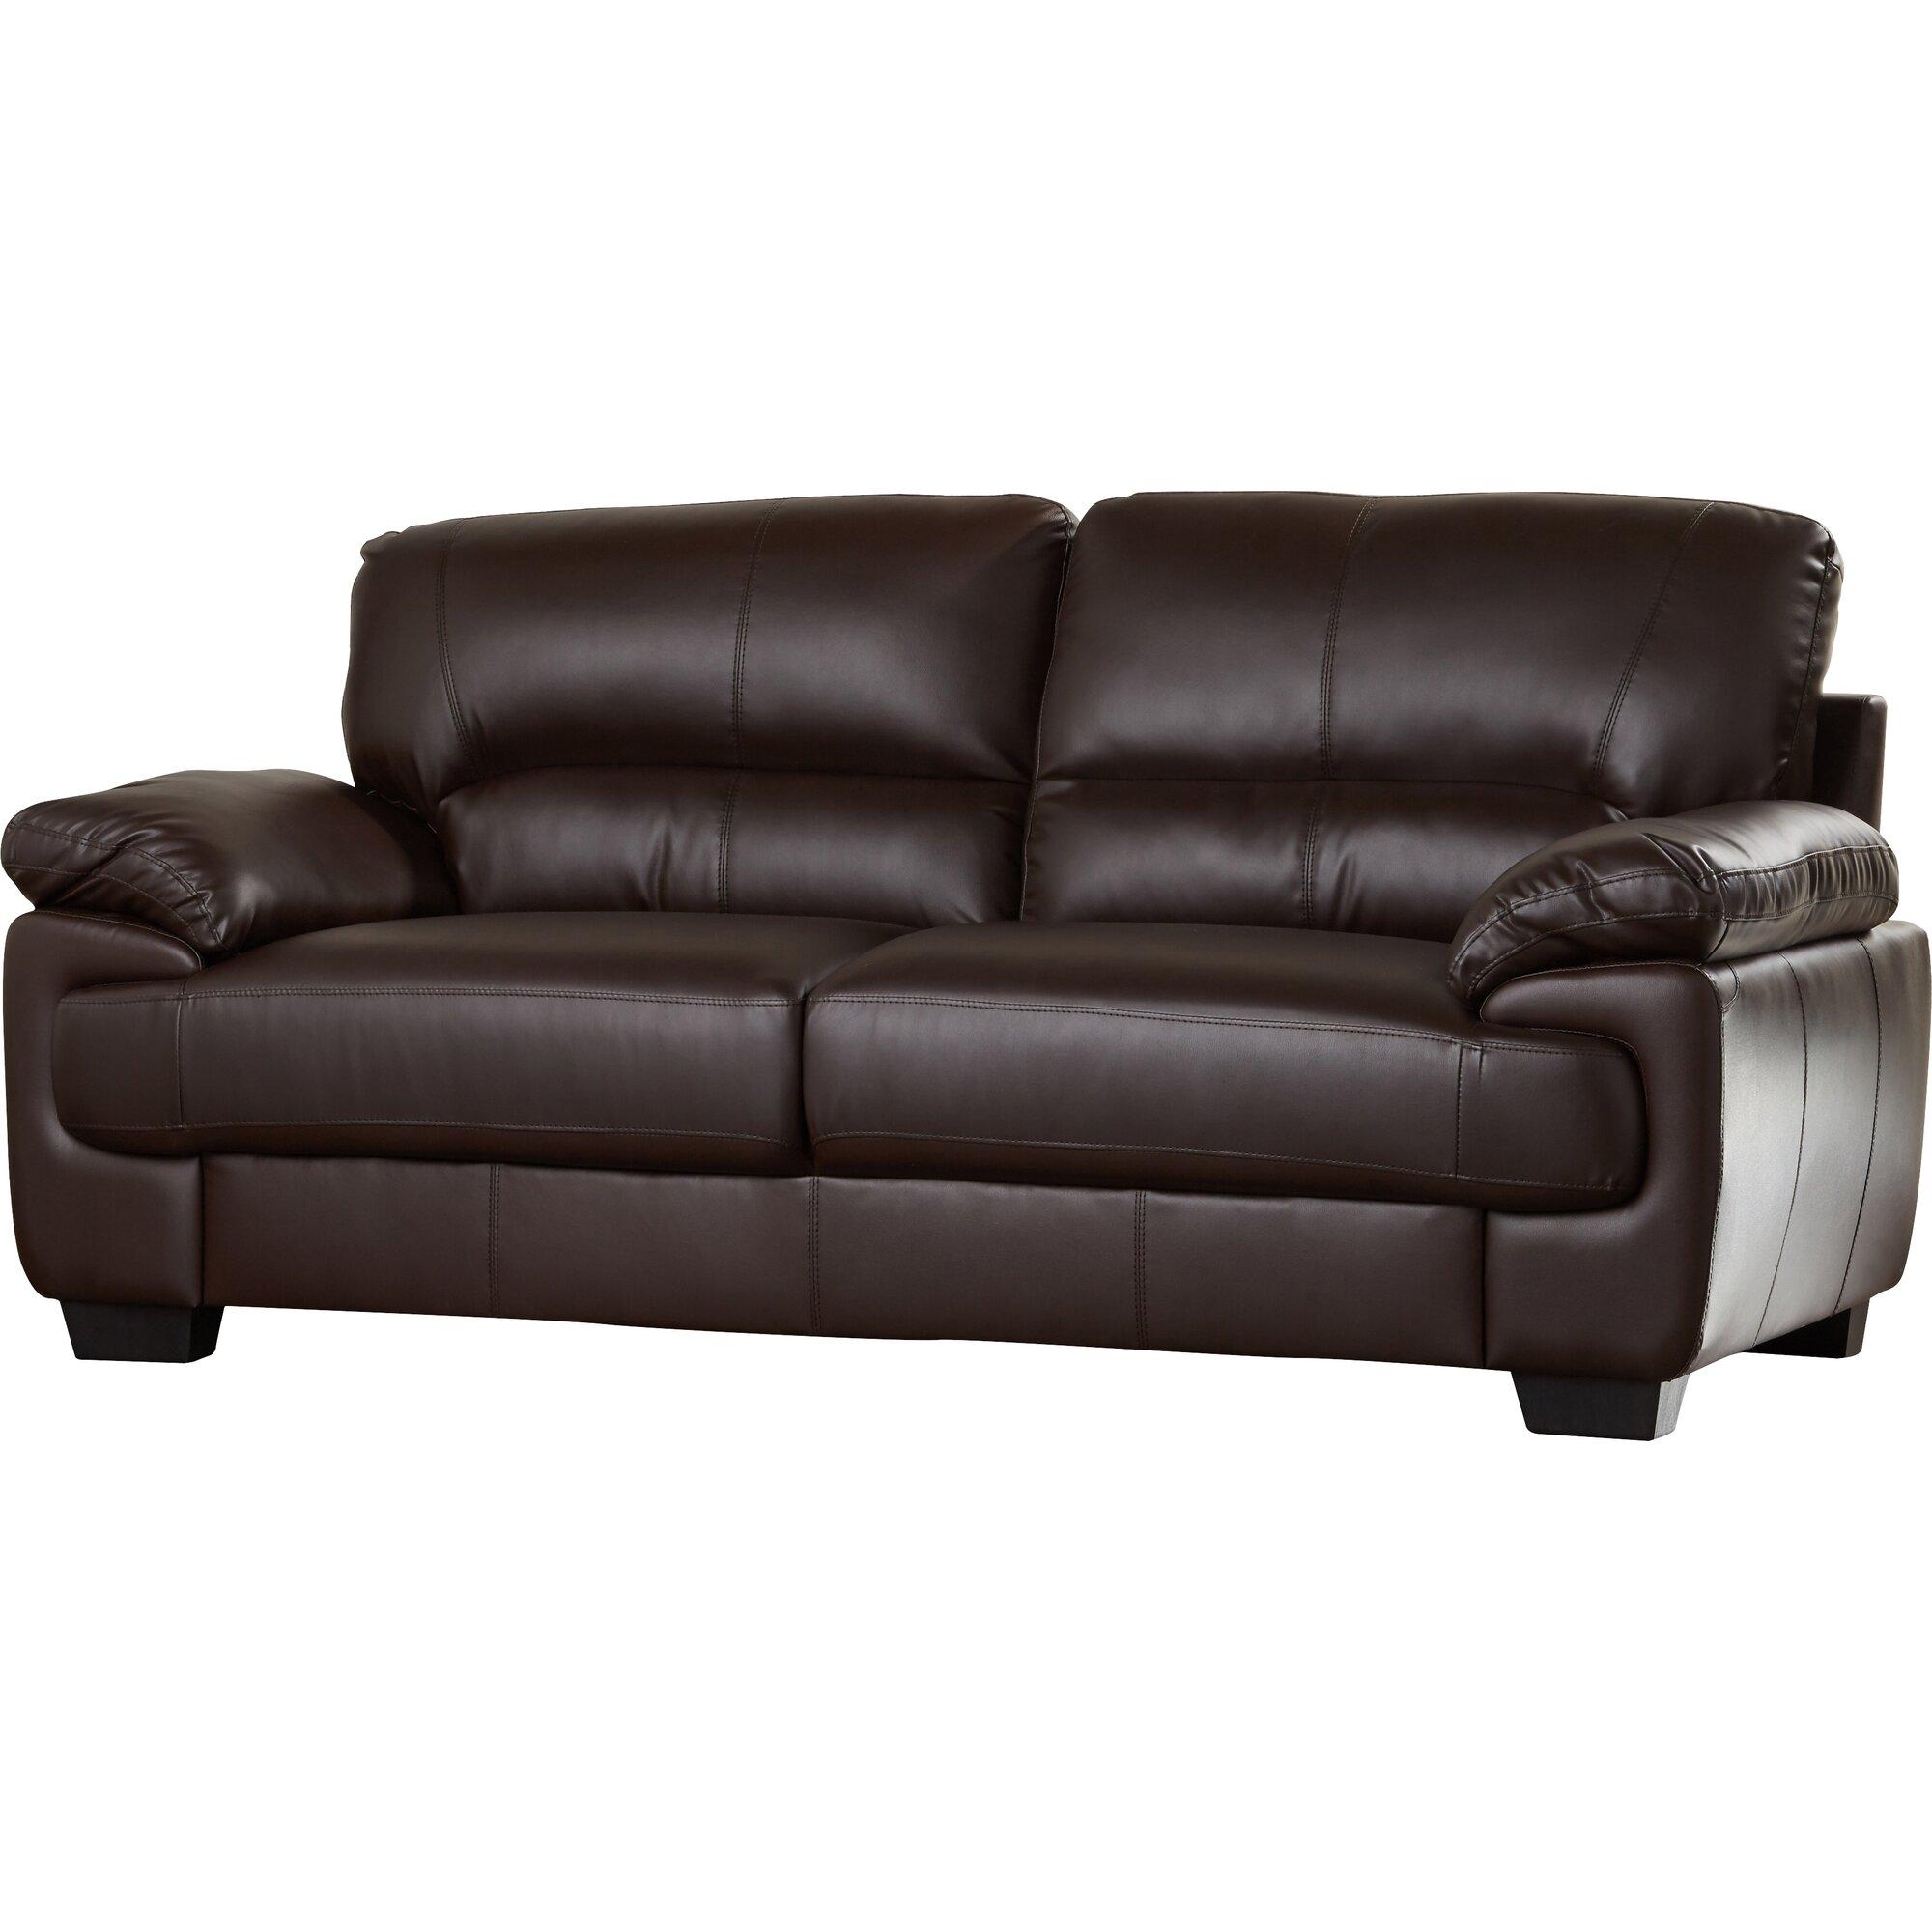 Classicliving 3er sofa erwin bewertungen Sofa dampfreiniger